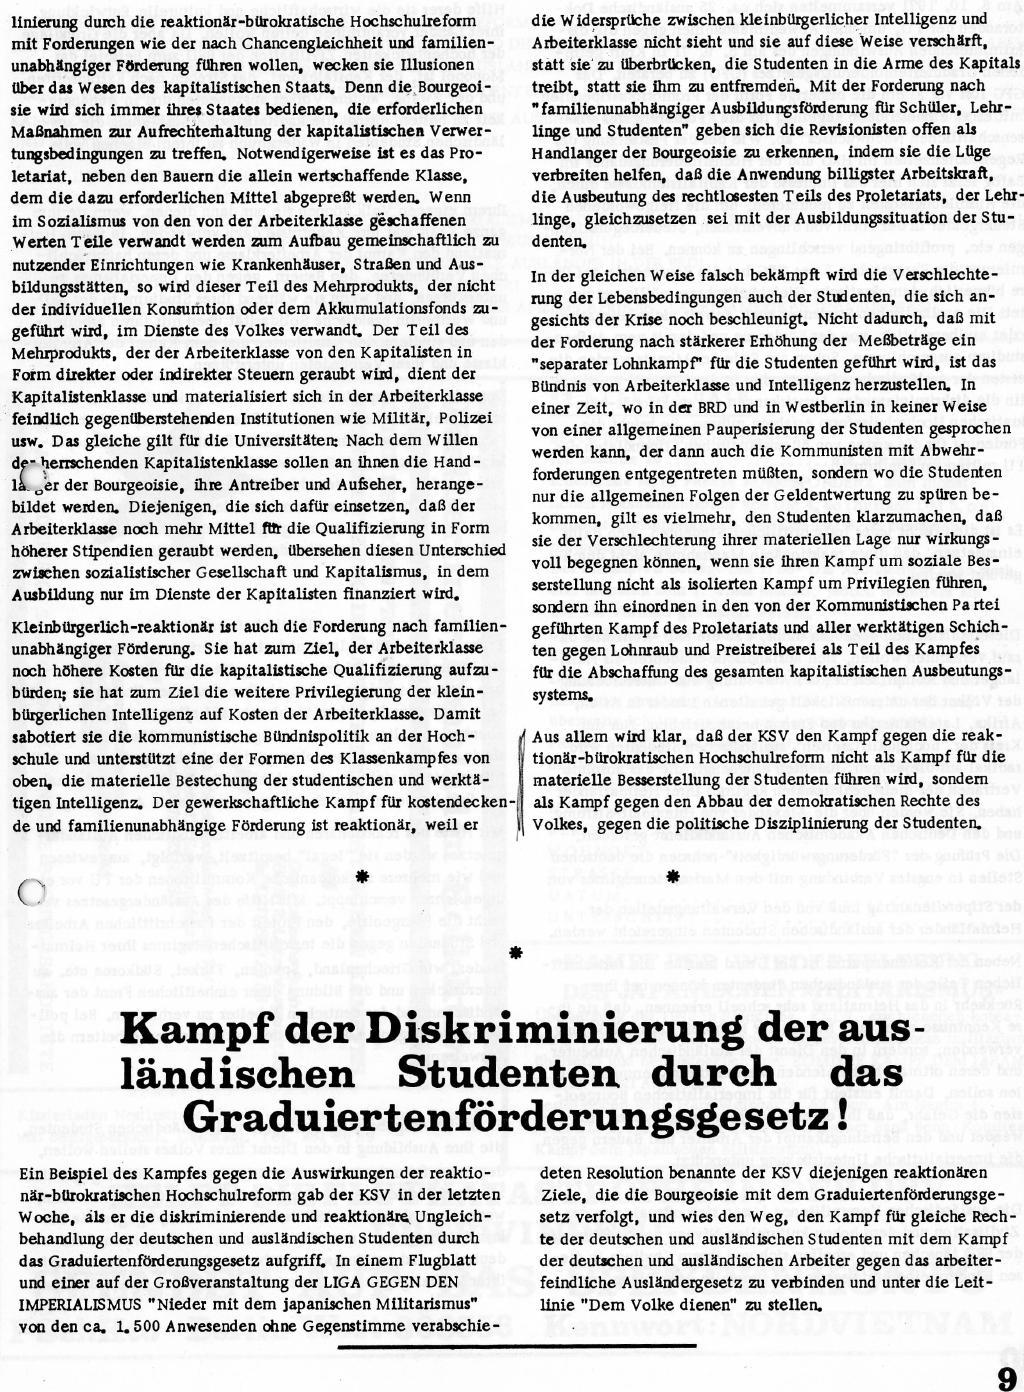 RPK_1971_137_09